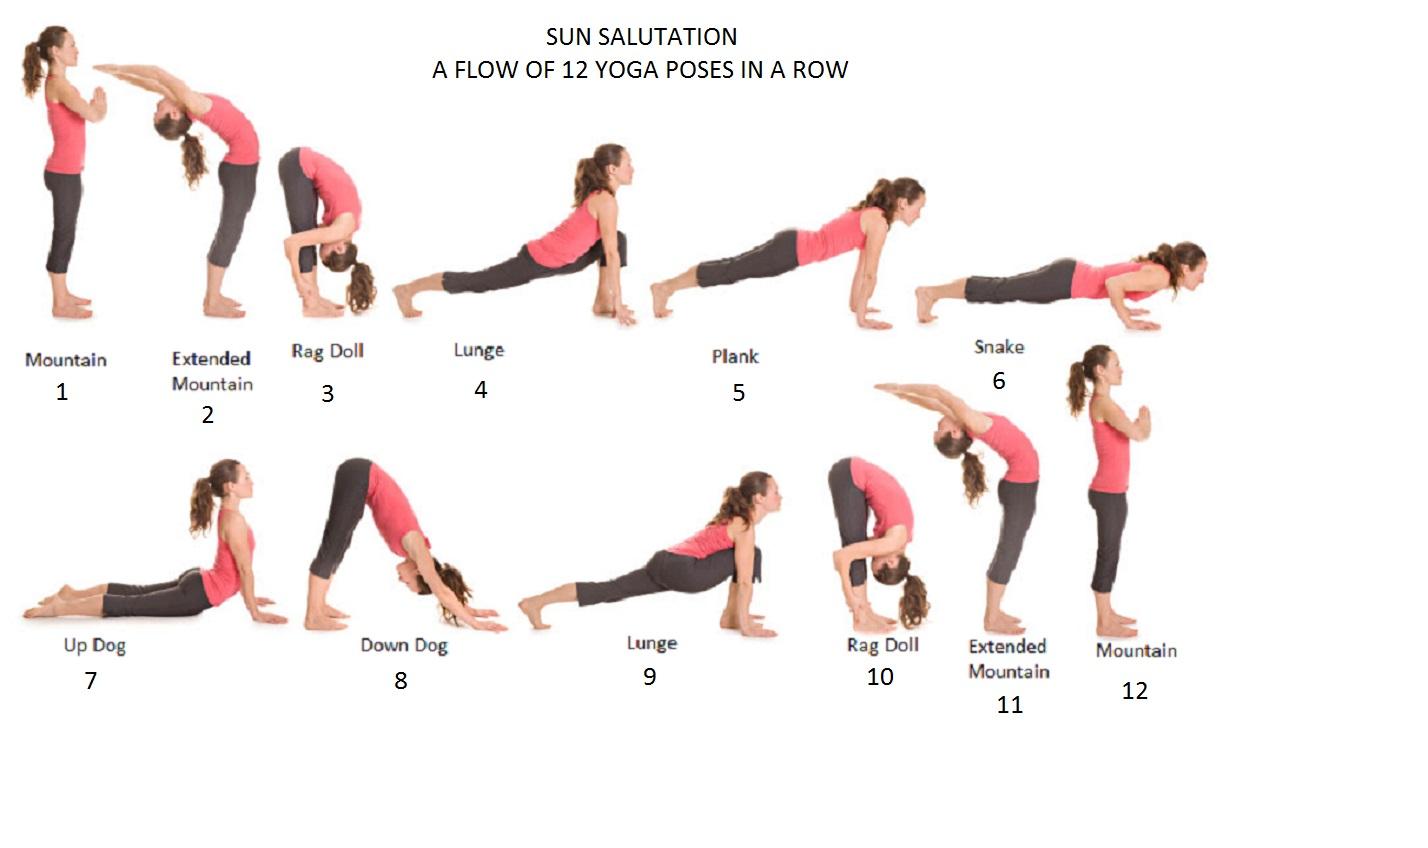 Як виконувати комплекс йоги Привітання Сонцю